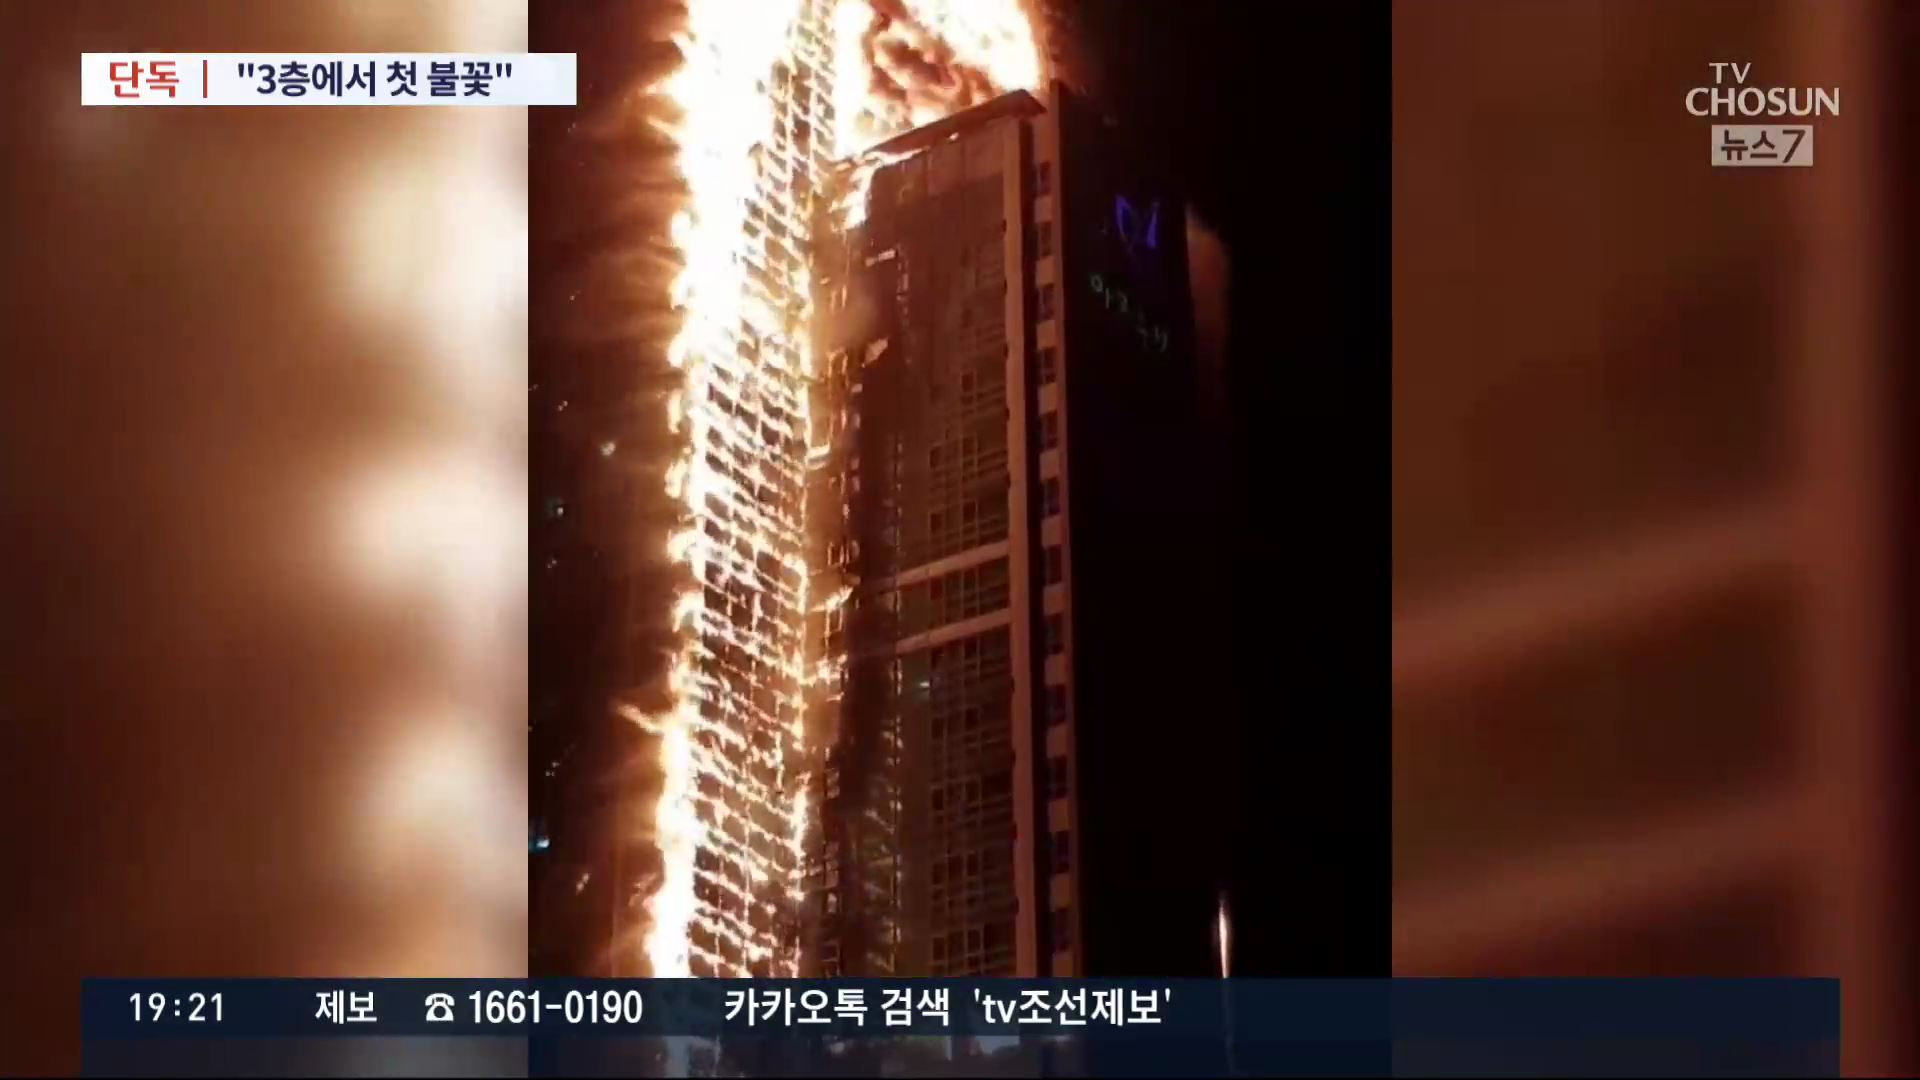 [단독] 출동 소방대원 '울산 화재, 3층에서 첫 불꽃 발견'